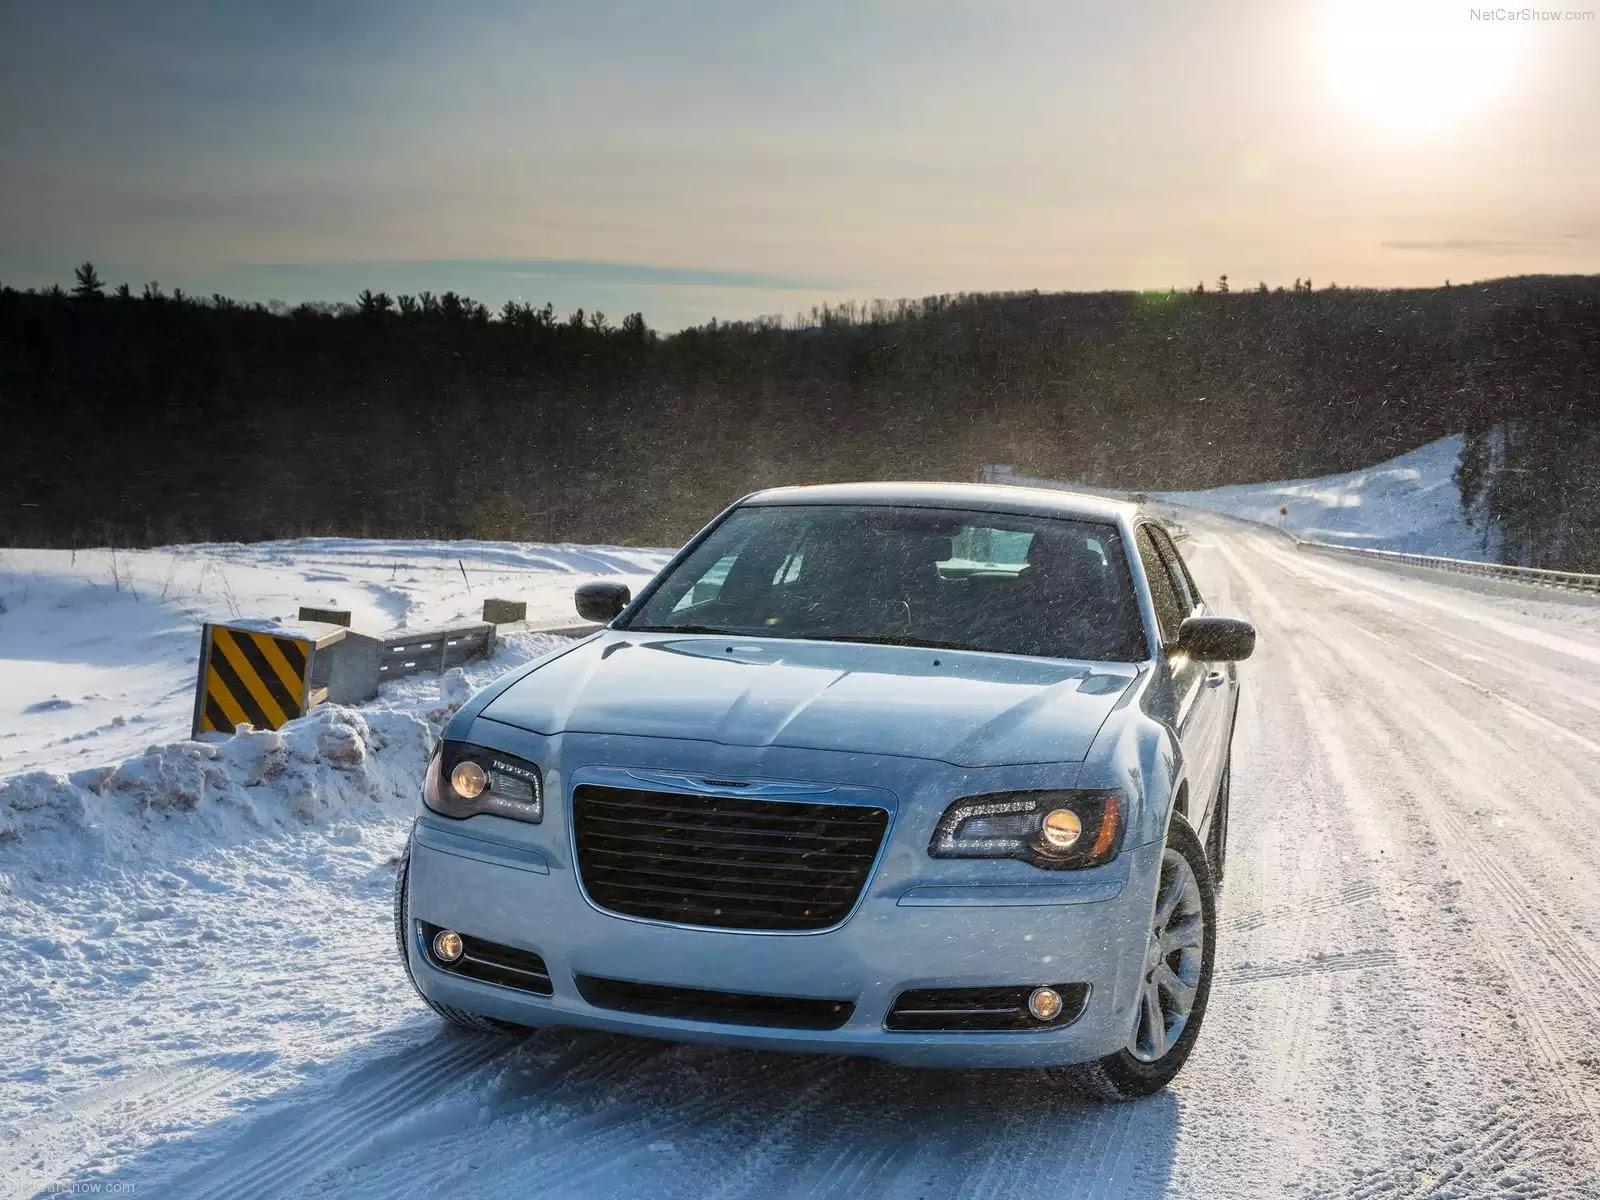 Hình ảnh xe ô tô Chrysler 300 Glacier 2013 & nội ngoại thất